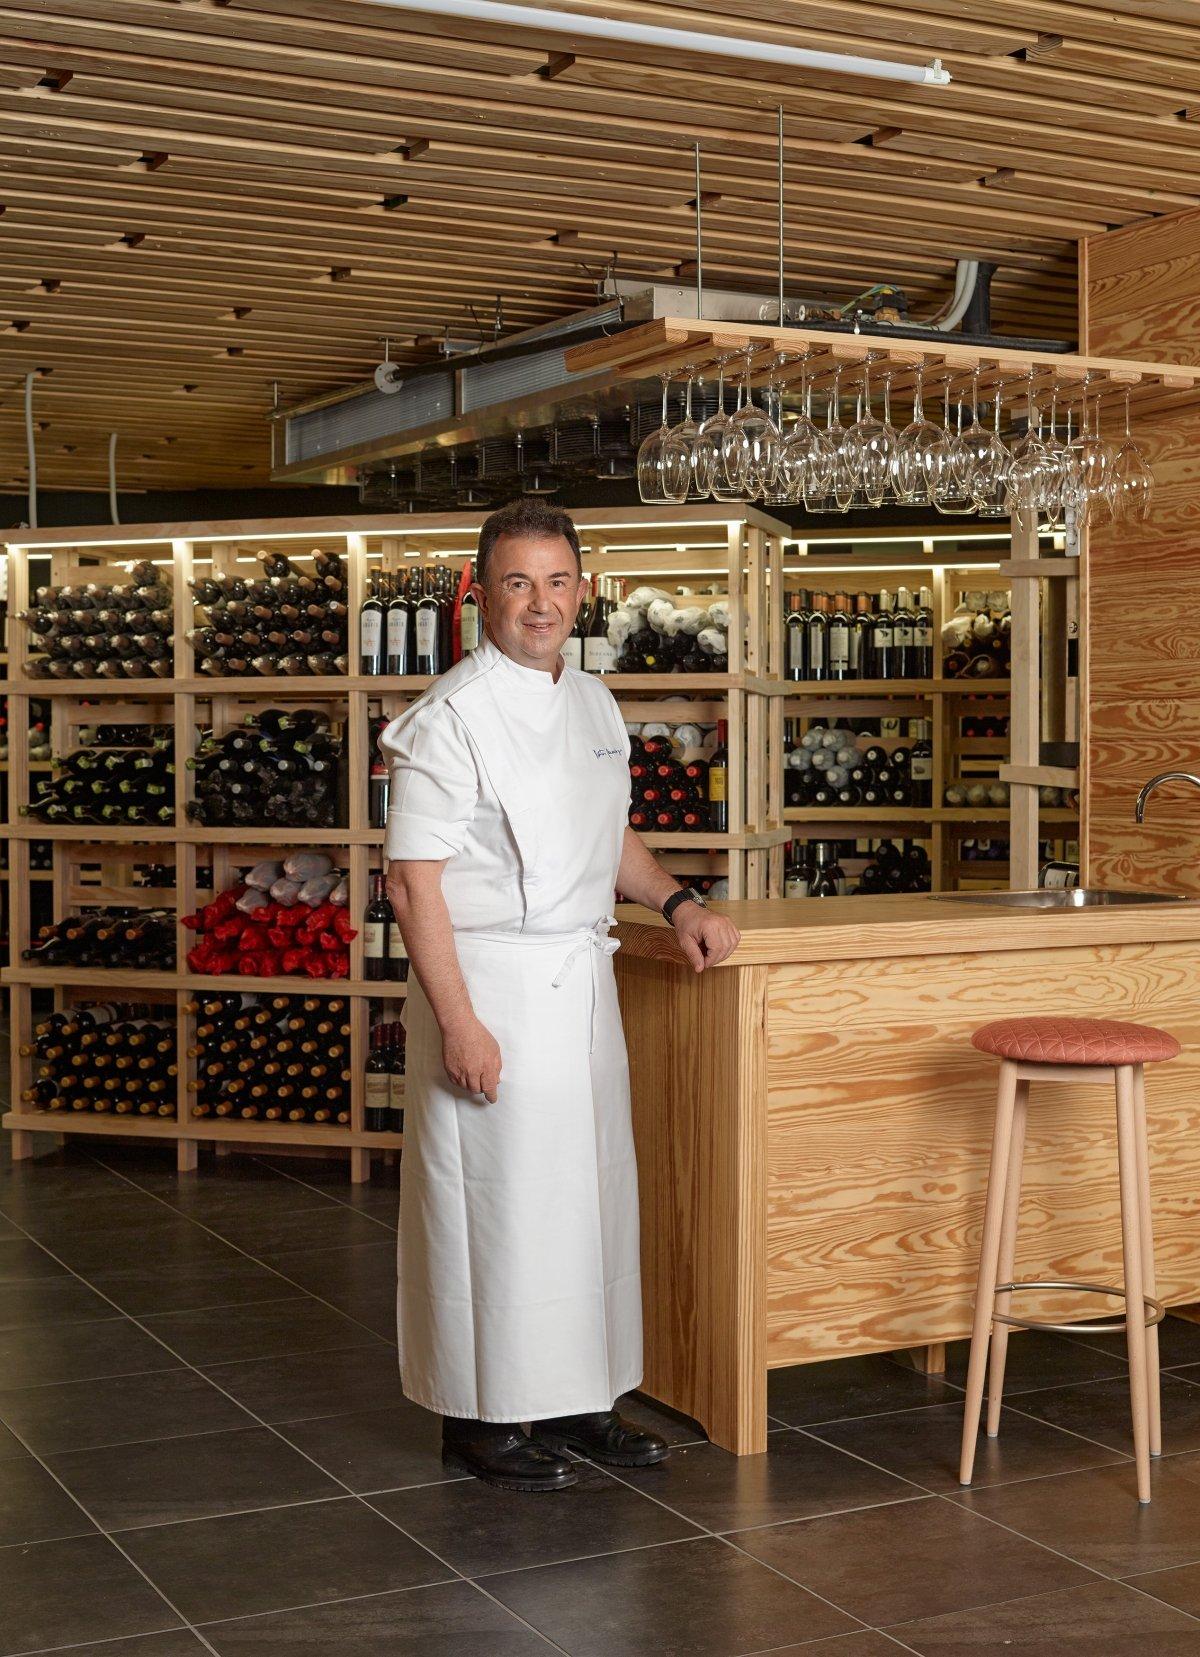 El chef Martín Berasategui en su establecimiento